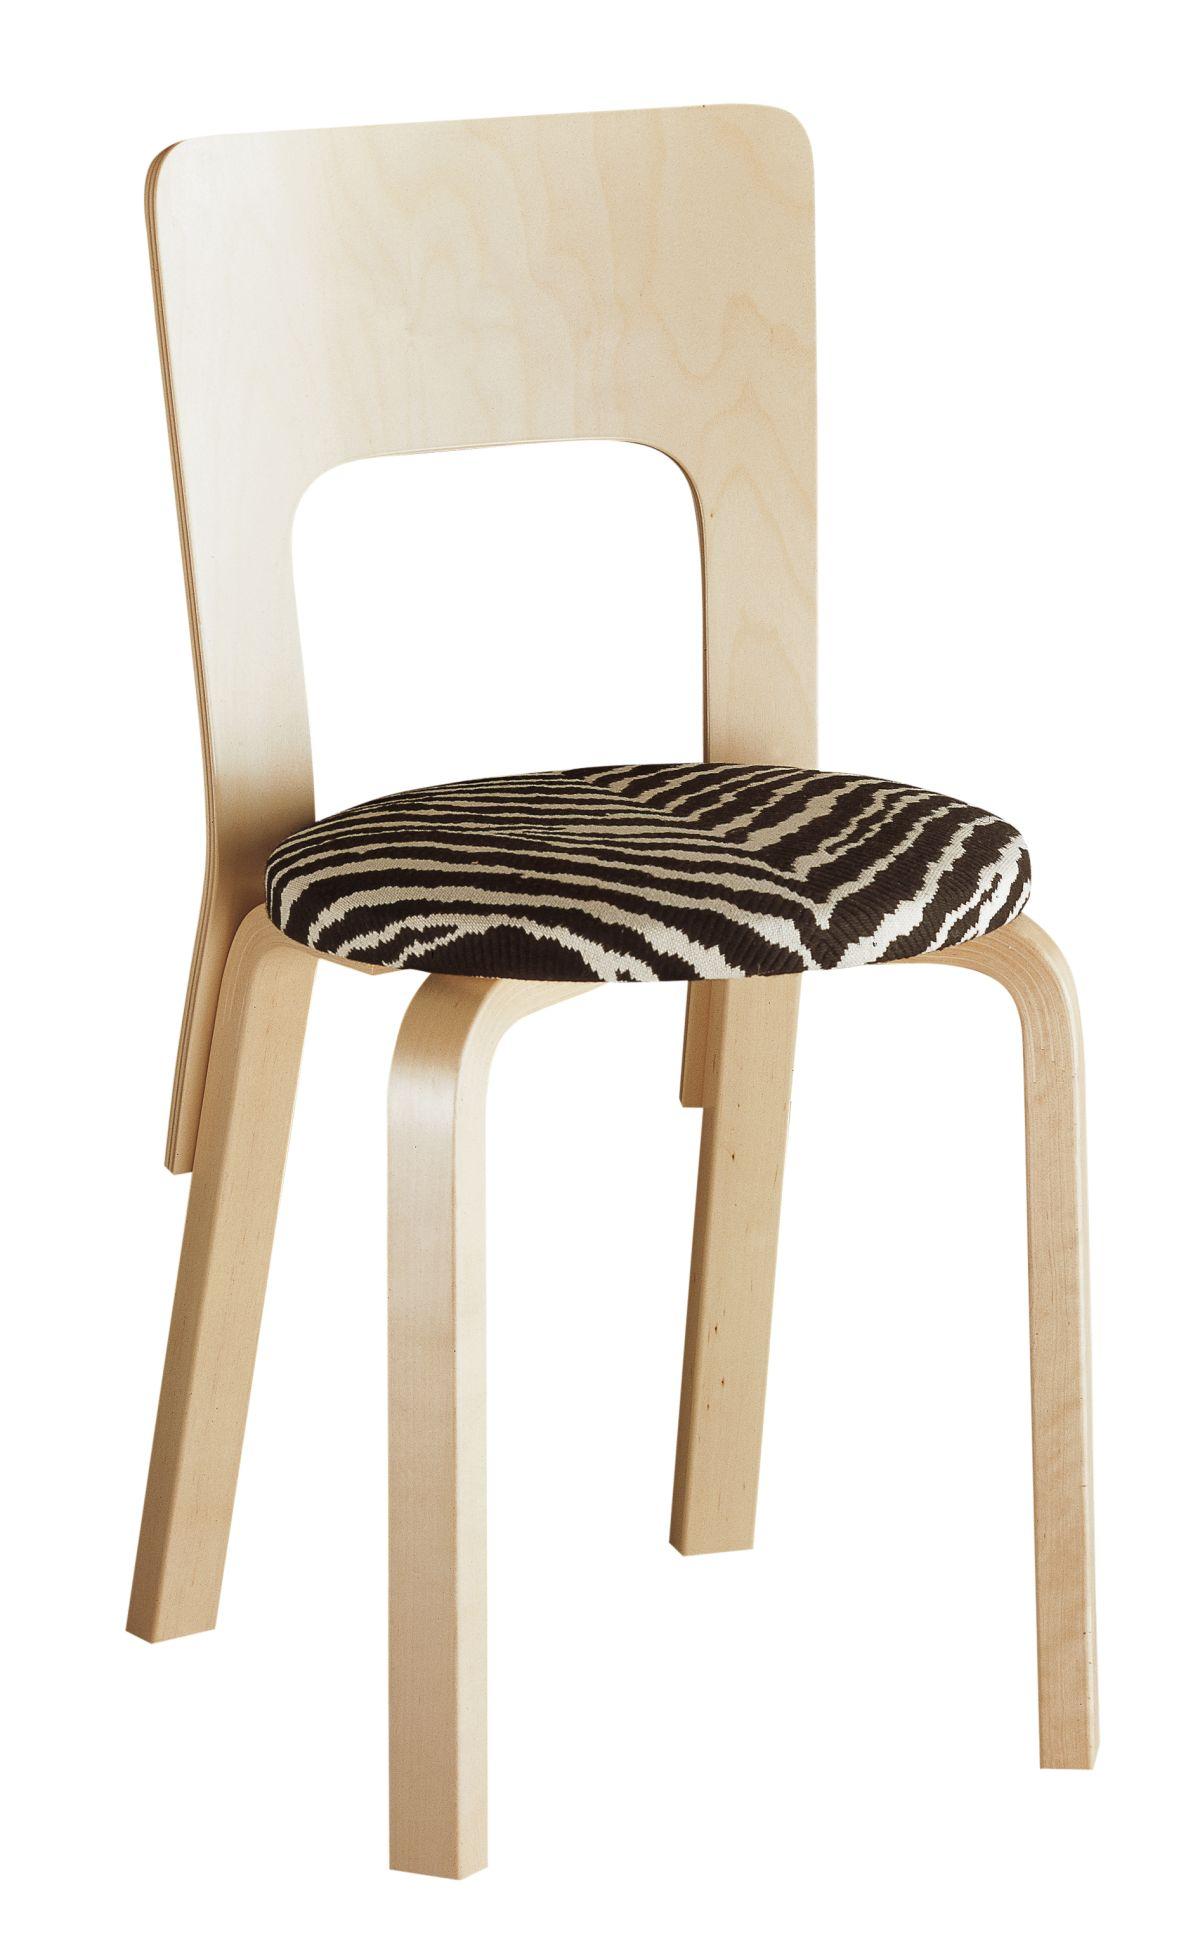 Chair 66 upholstered Zebra